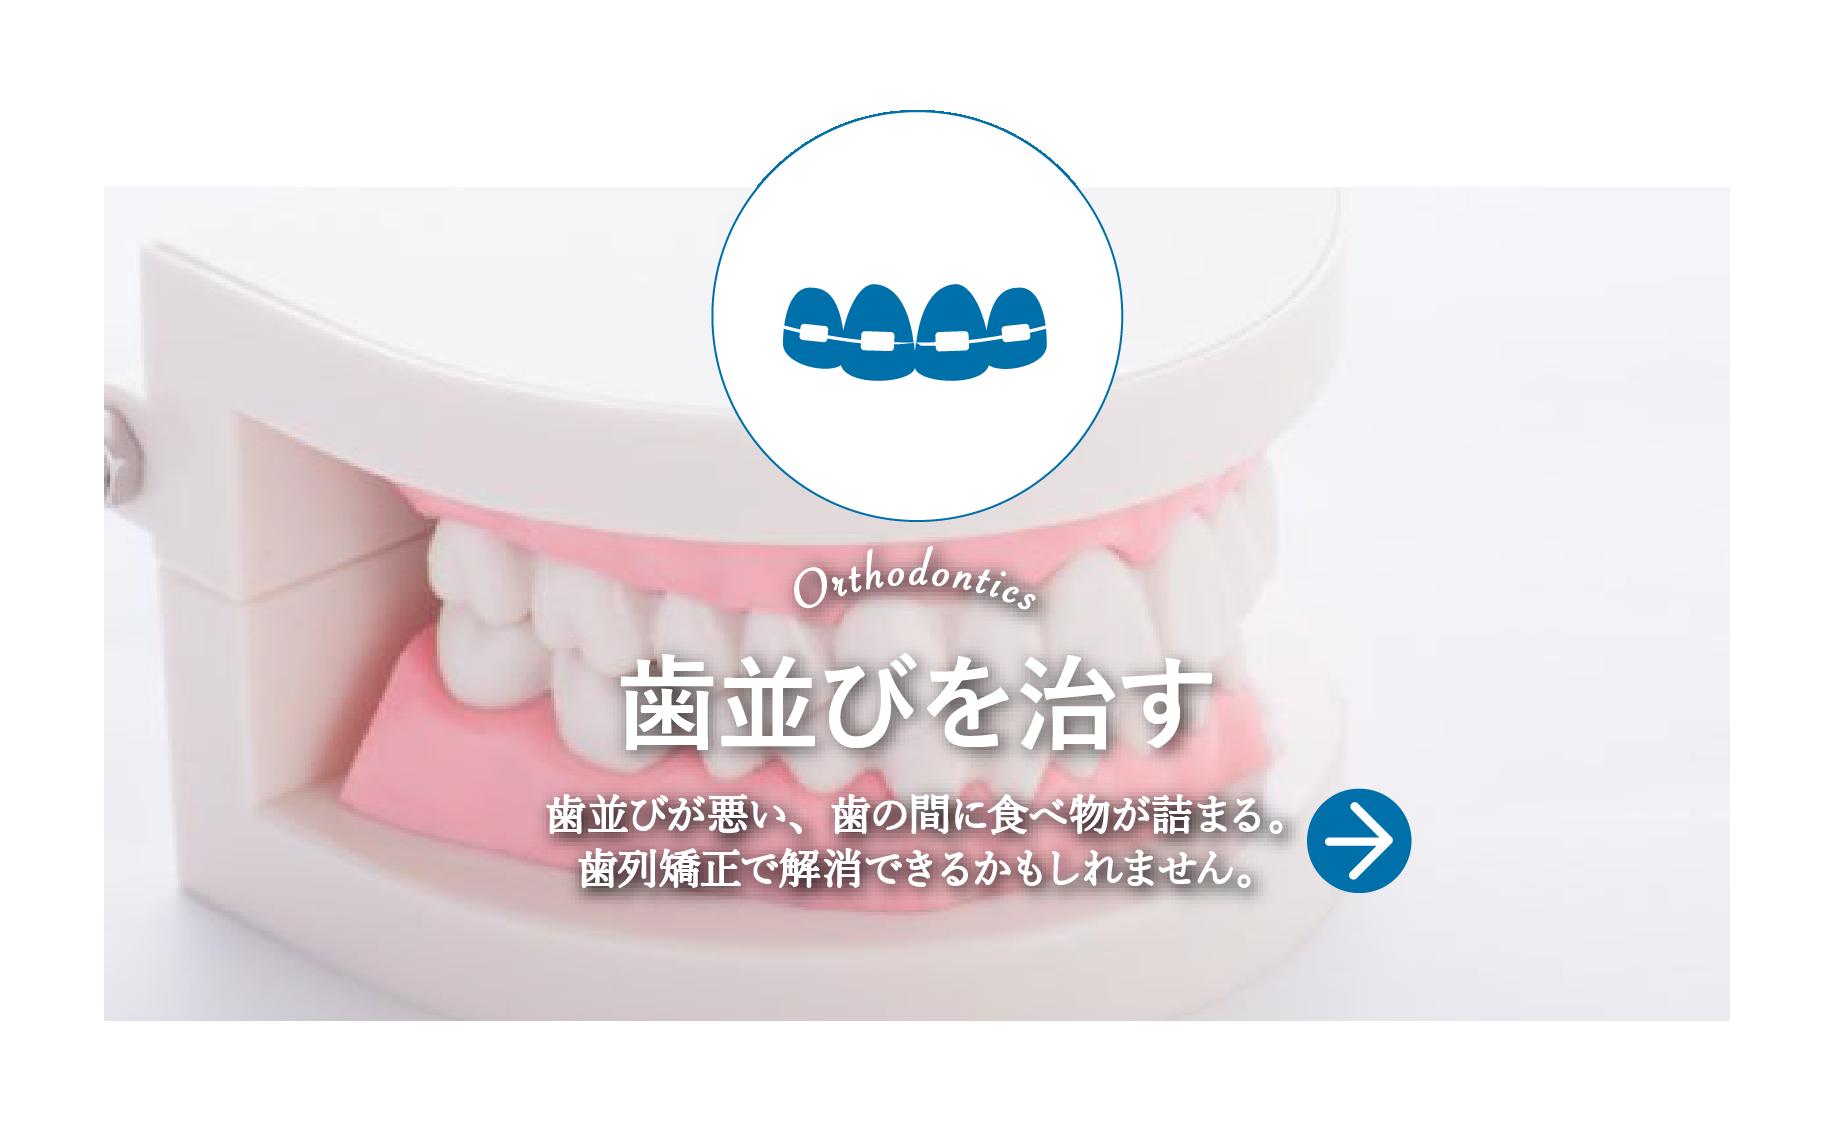 歯並びを治す 矯正治療